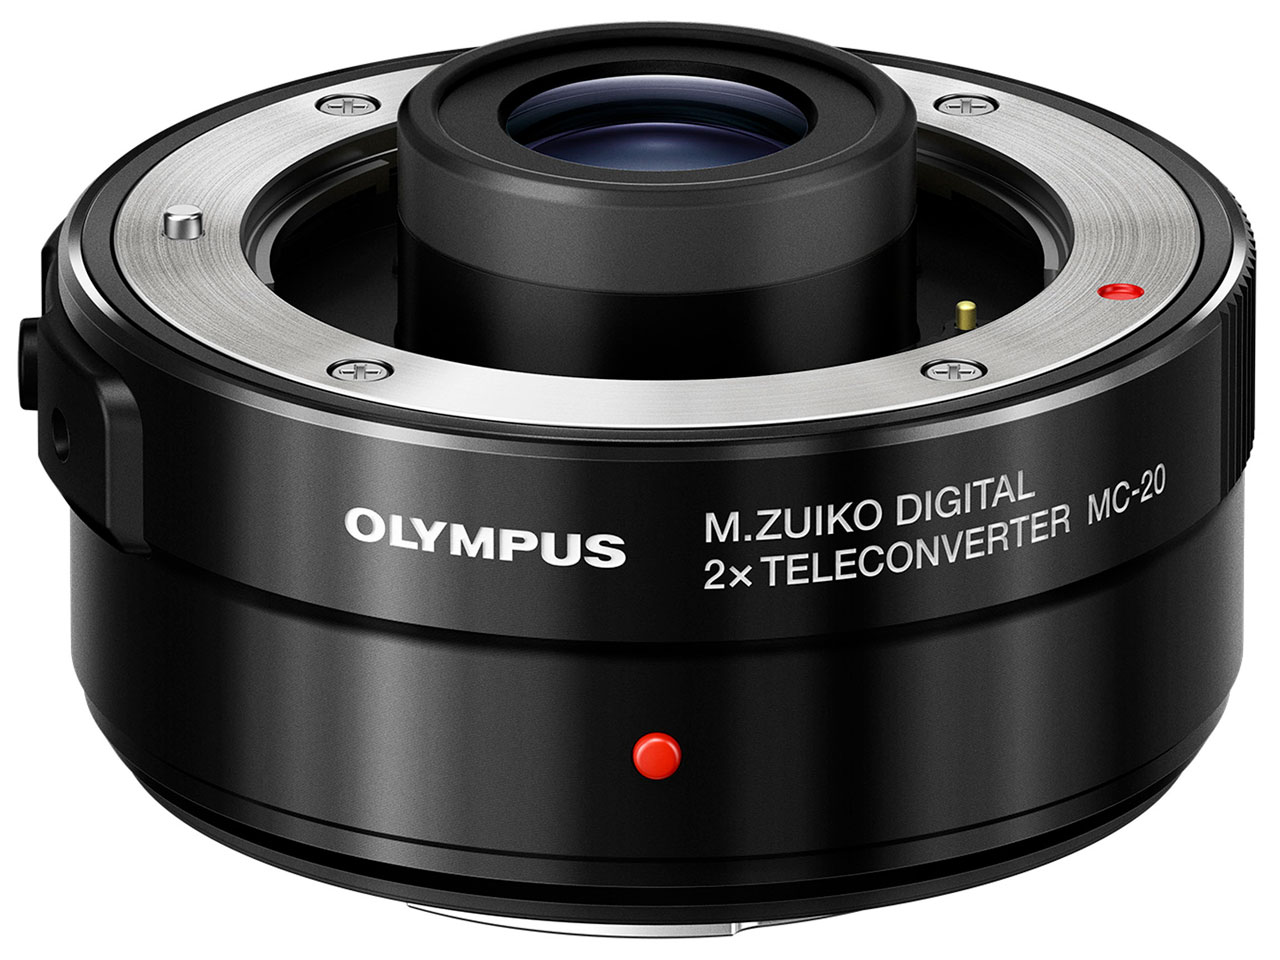 オリンパス OLYMPUS M.ZUIKO DIGITAL 2x Teleconverter MC-20